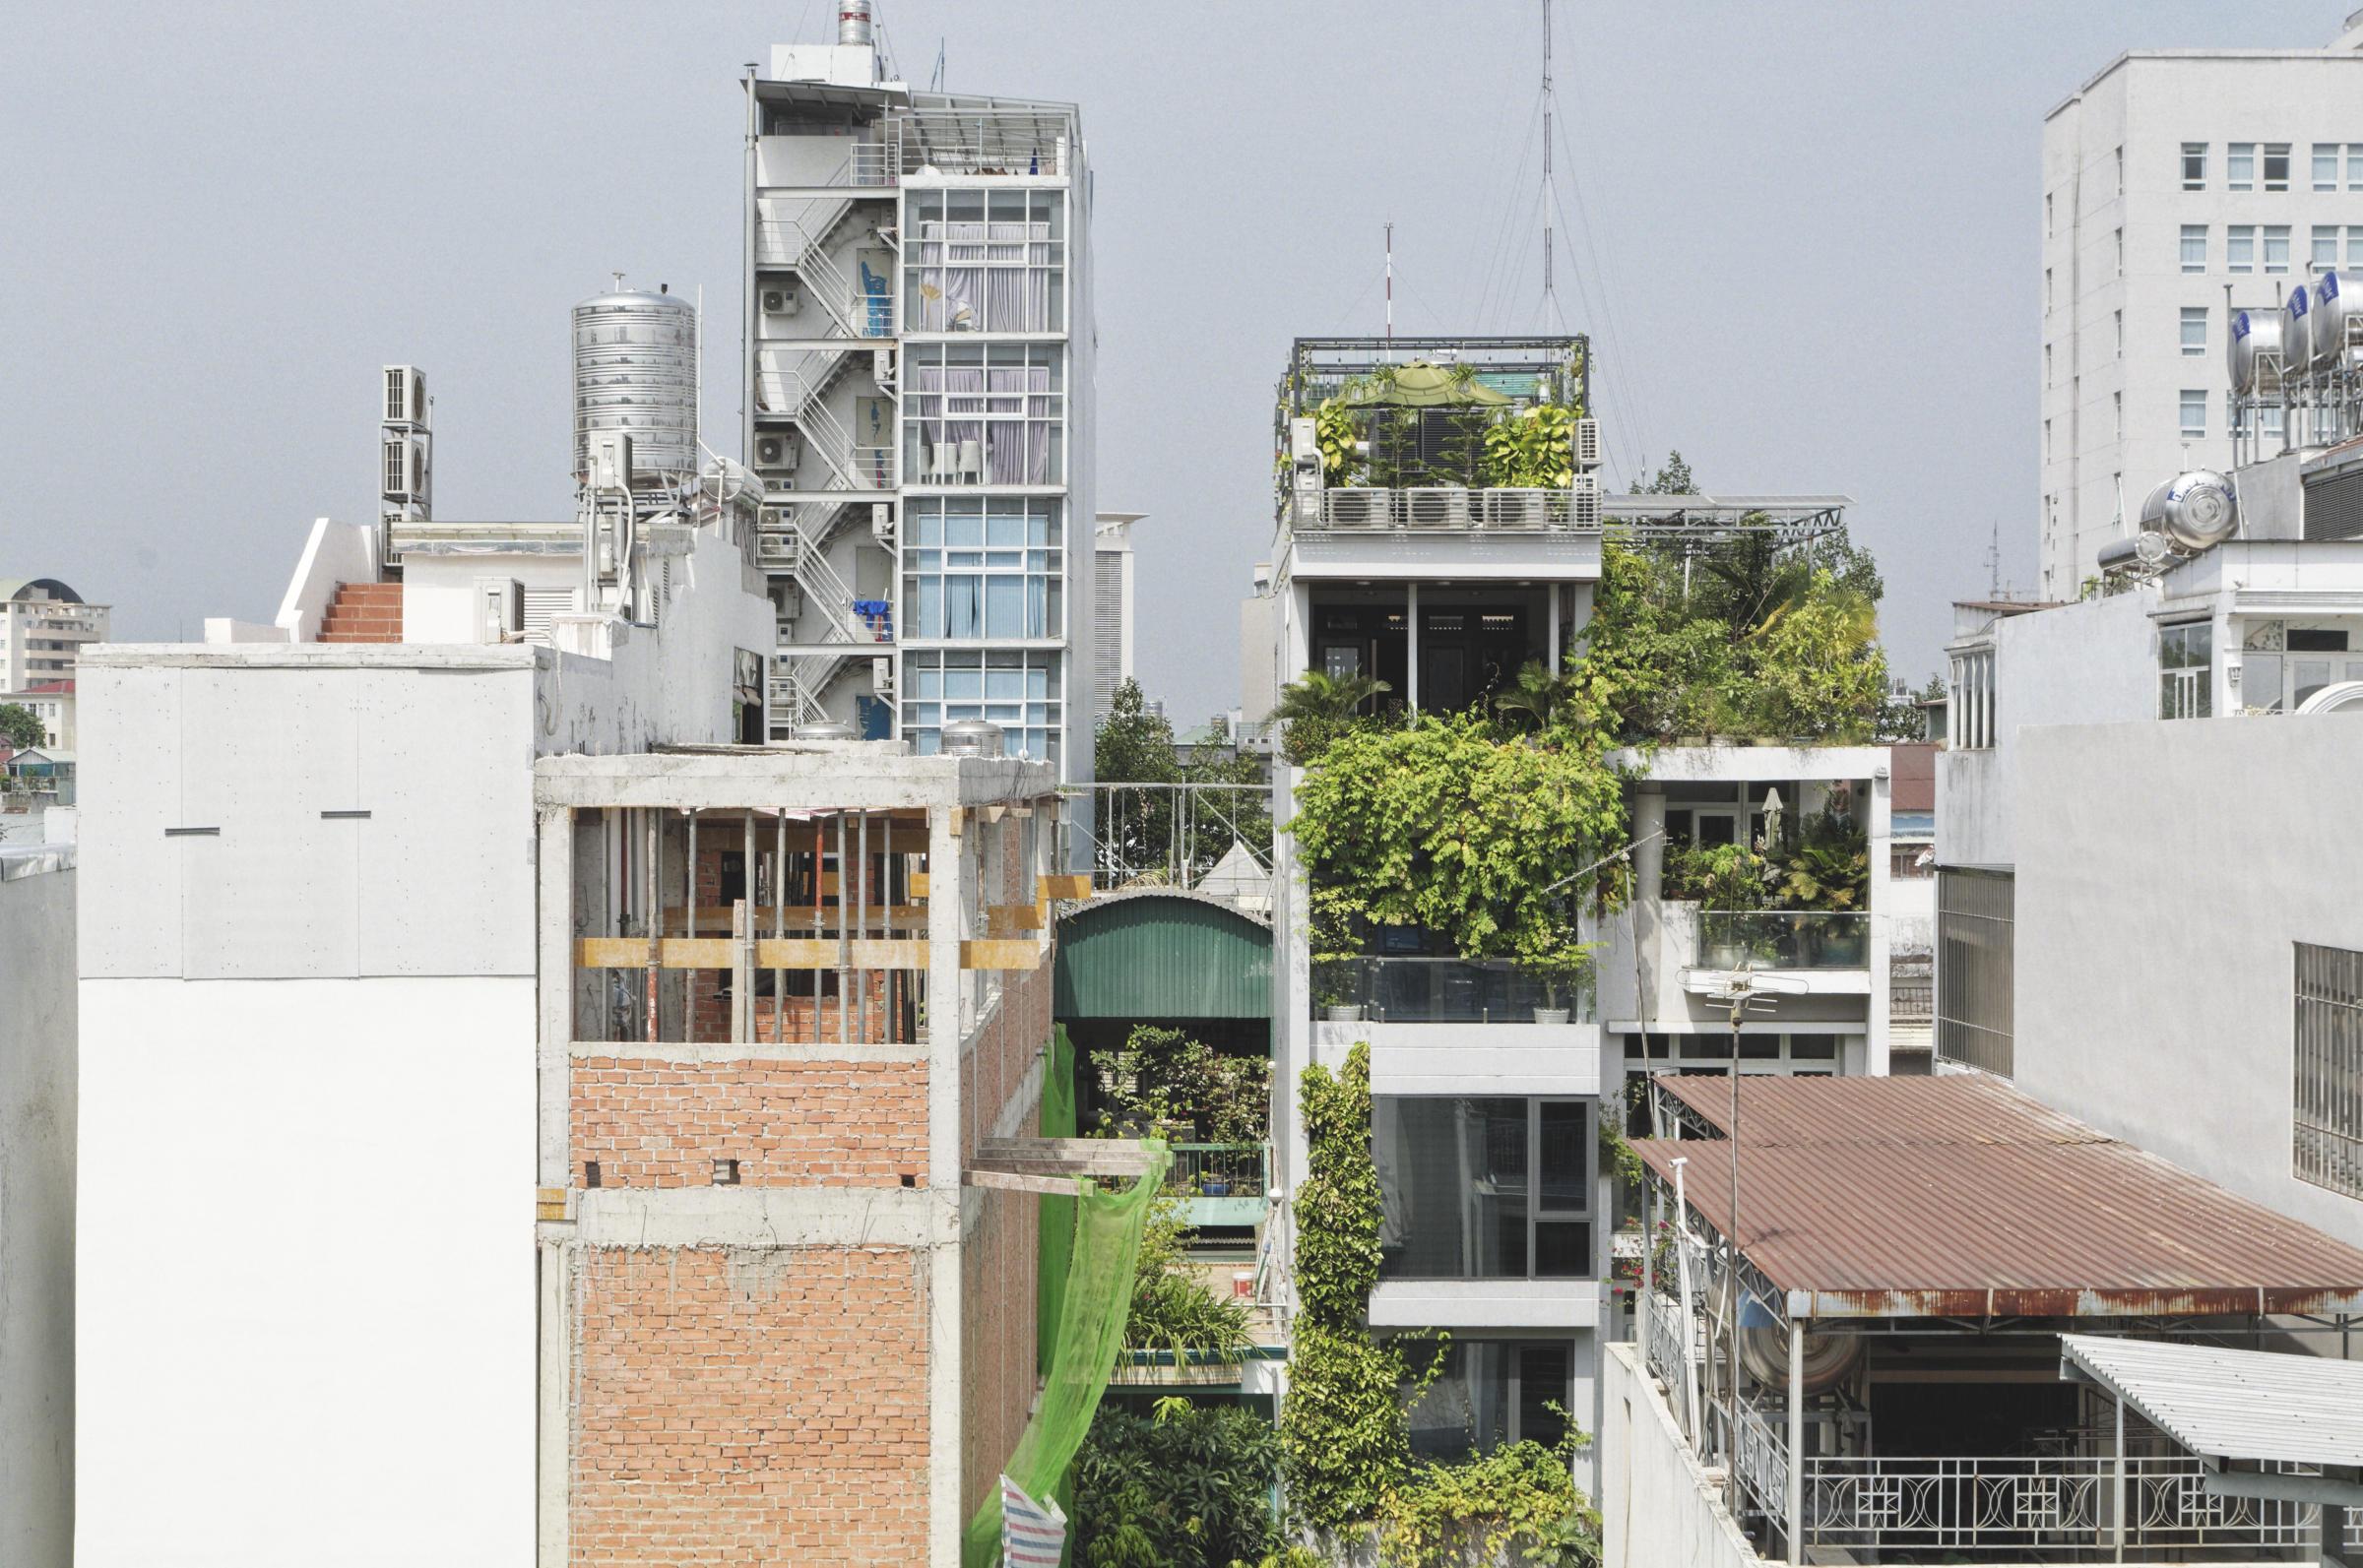 Quartier d'habitations Hô Chi Minh Ville Saigon